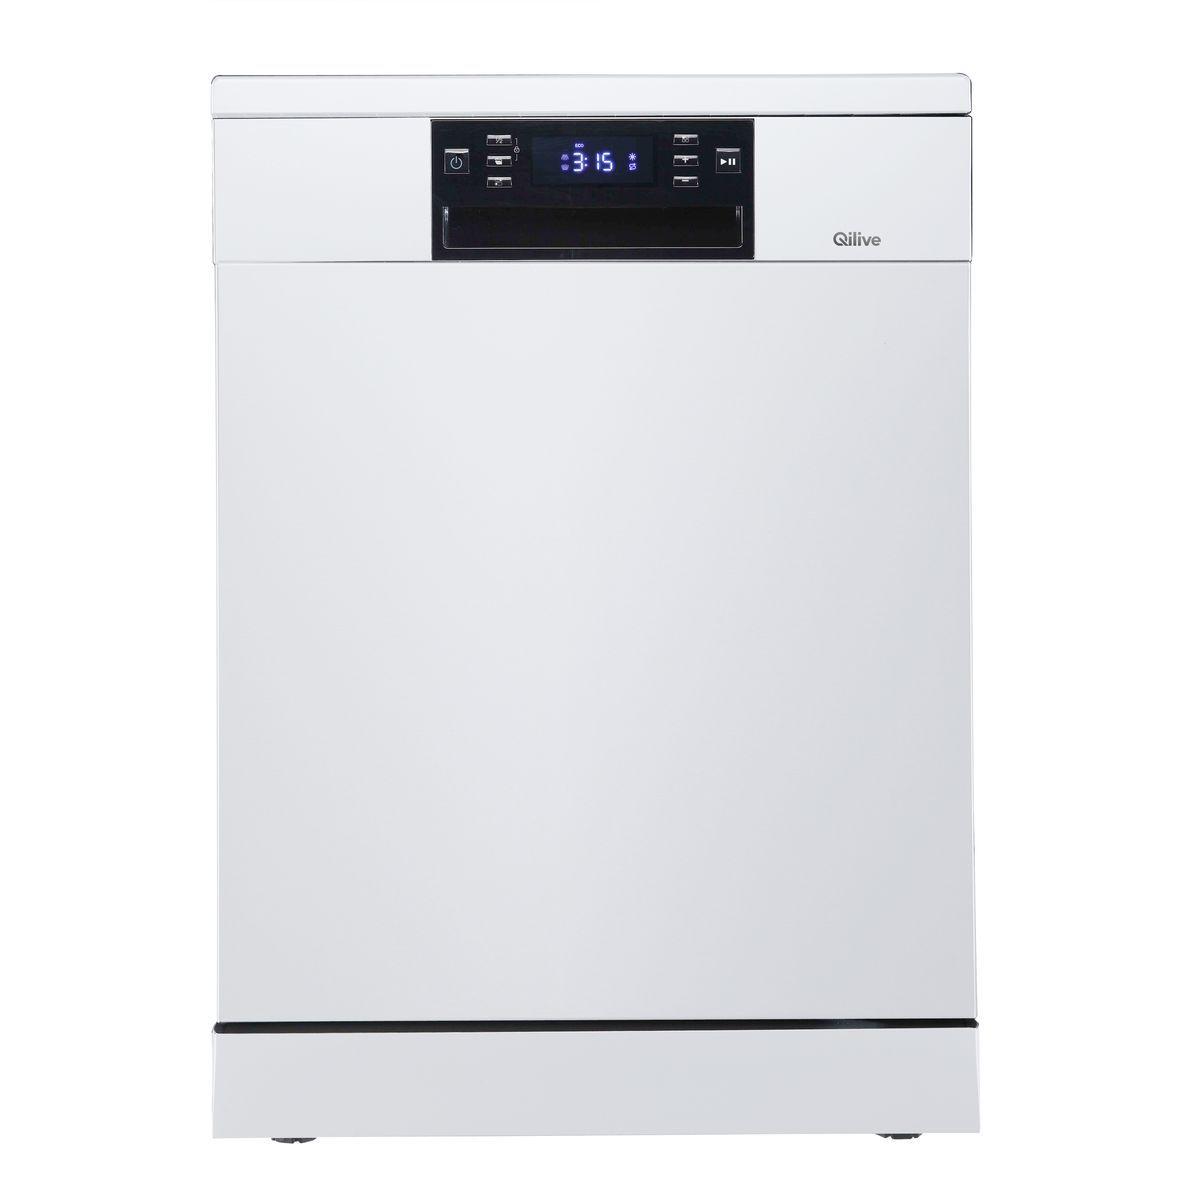 Lave vaisselle pose libre 600 081 446, 14 couverts, 44 dB